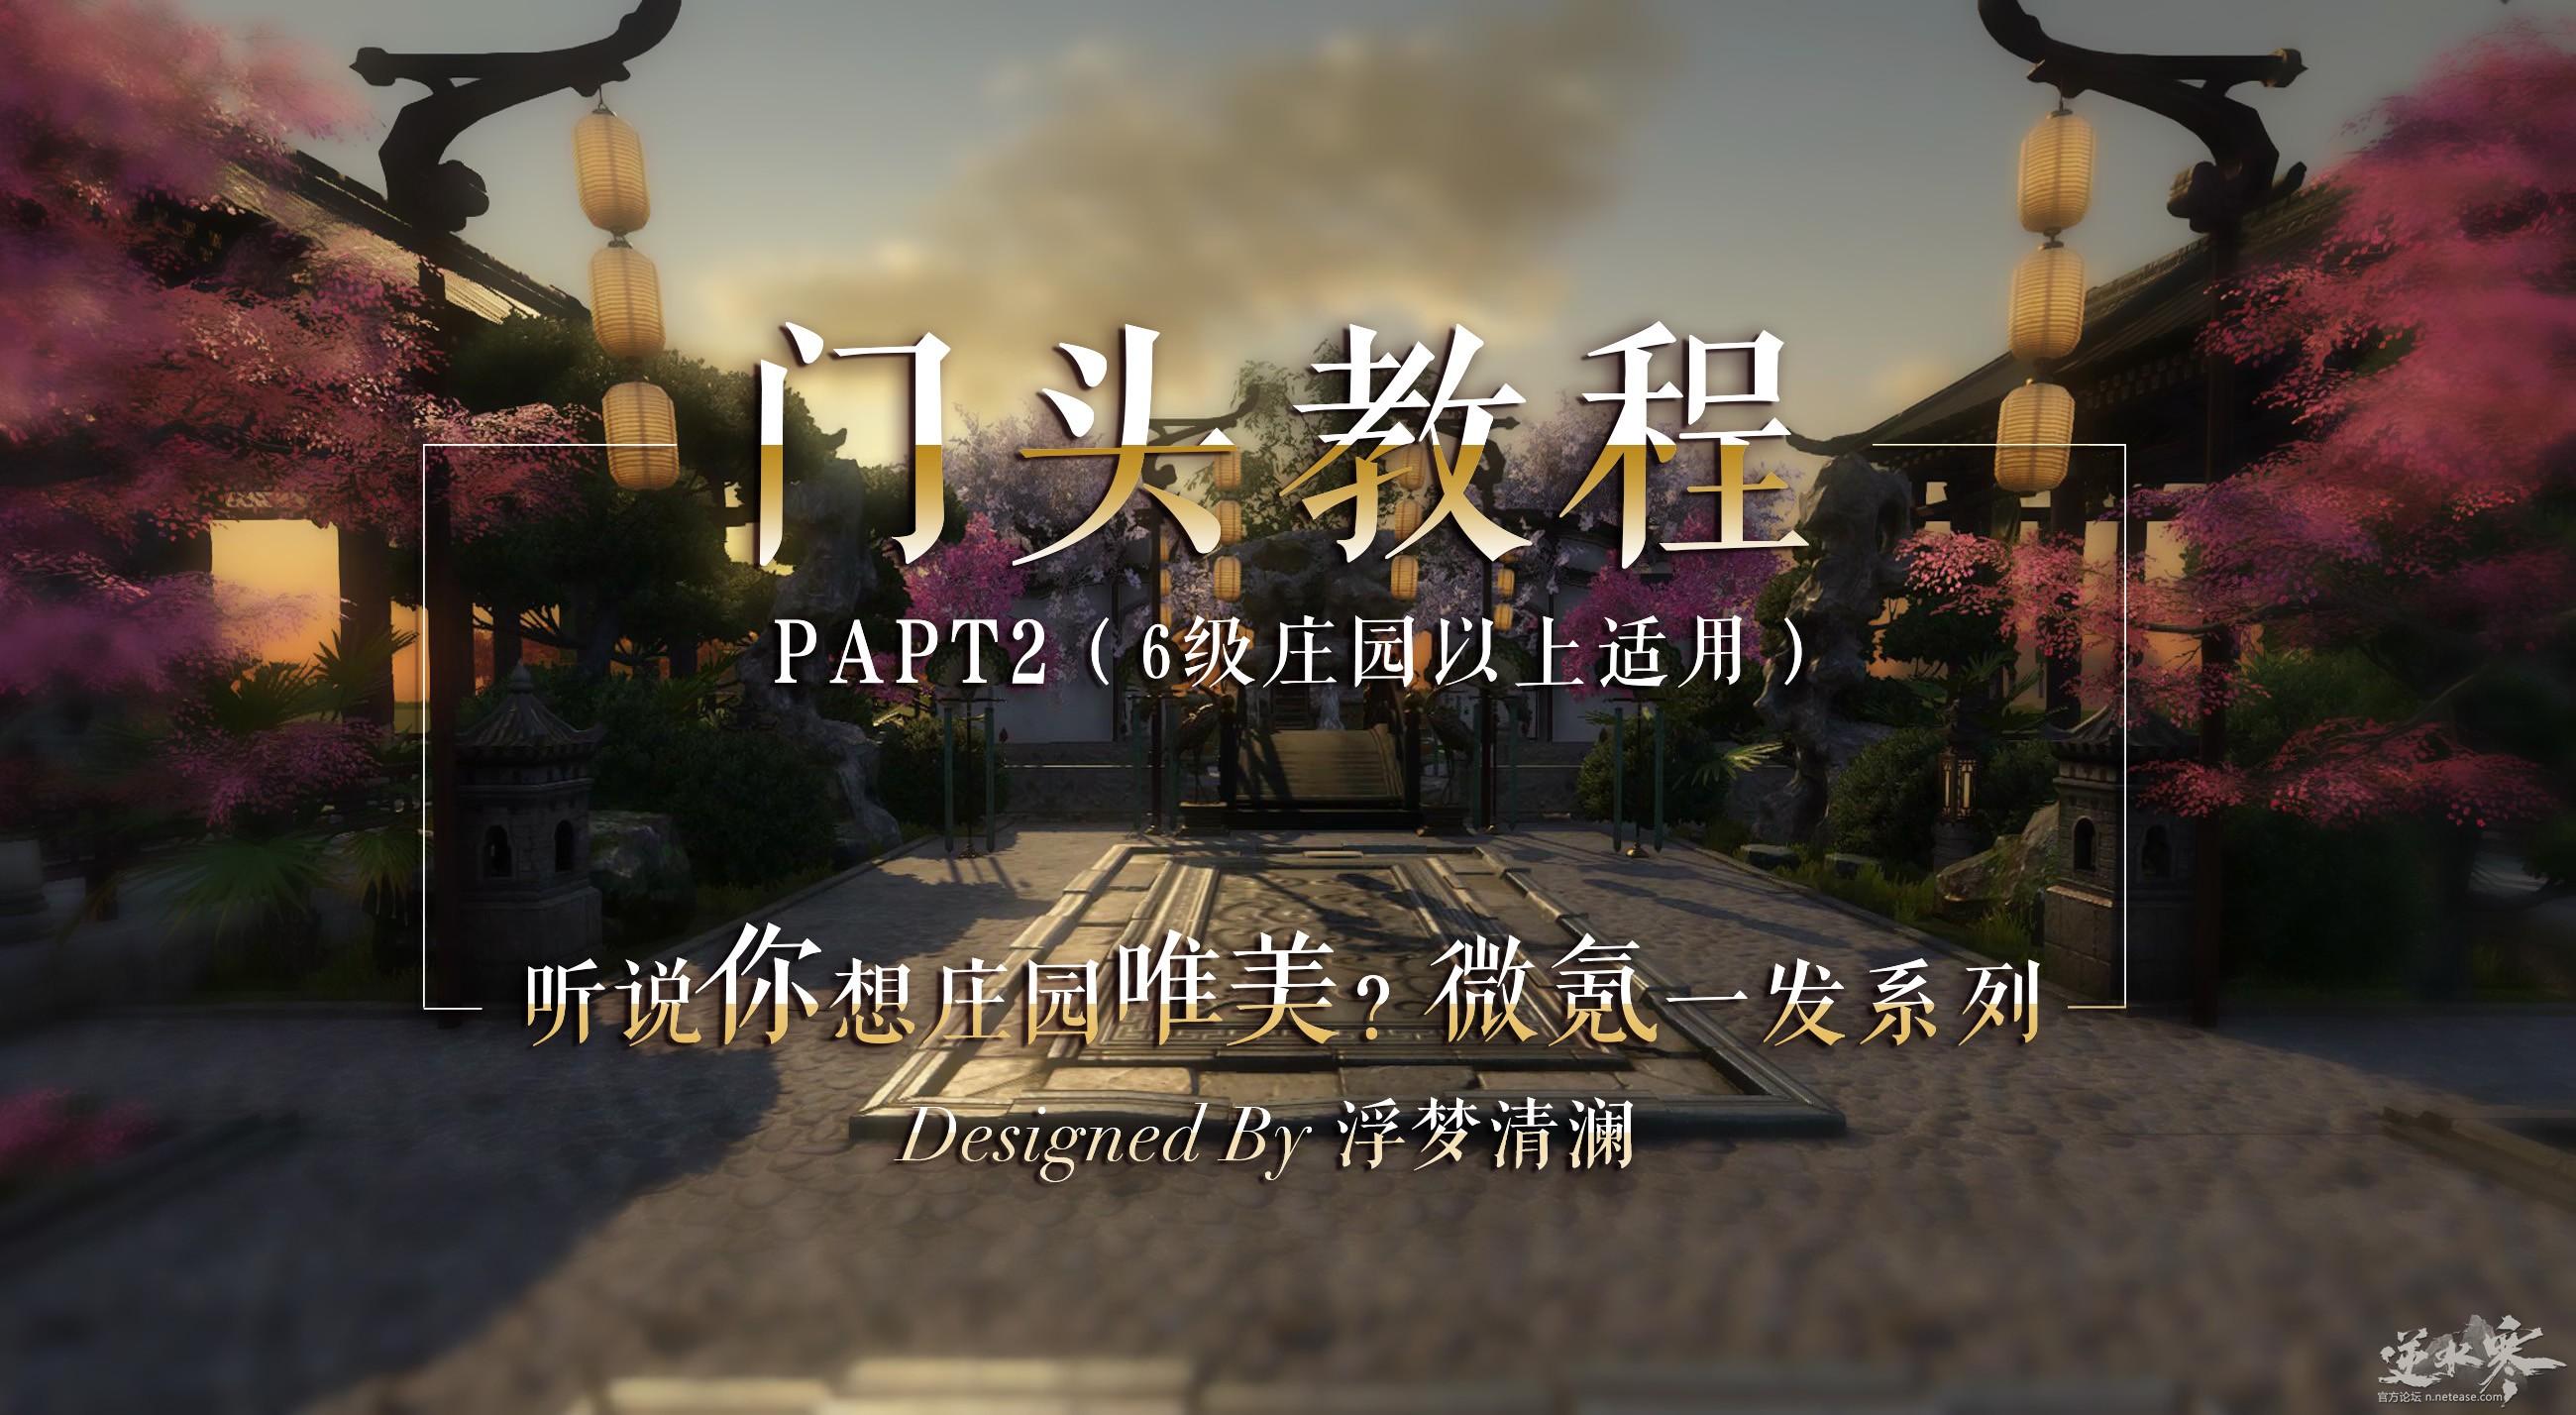 【庄园教程丨第二期】【听说你想庄园唯美?微氪一发系列】PART2-自在门